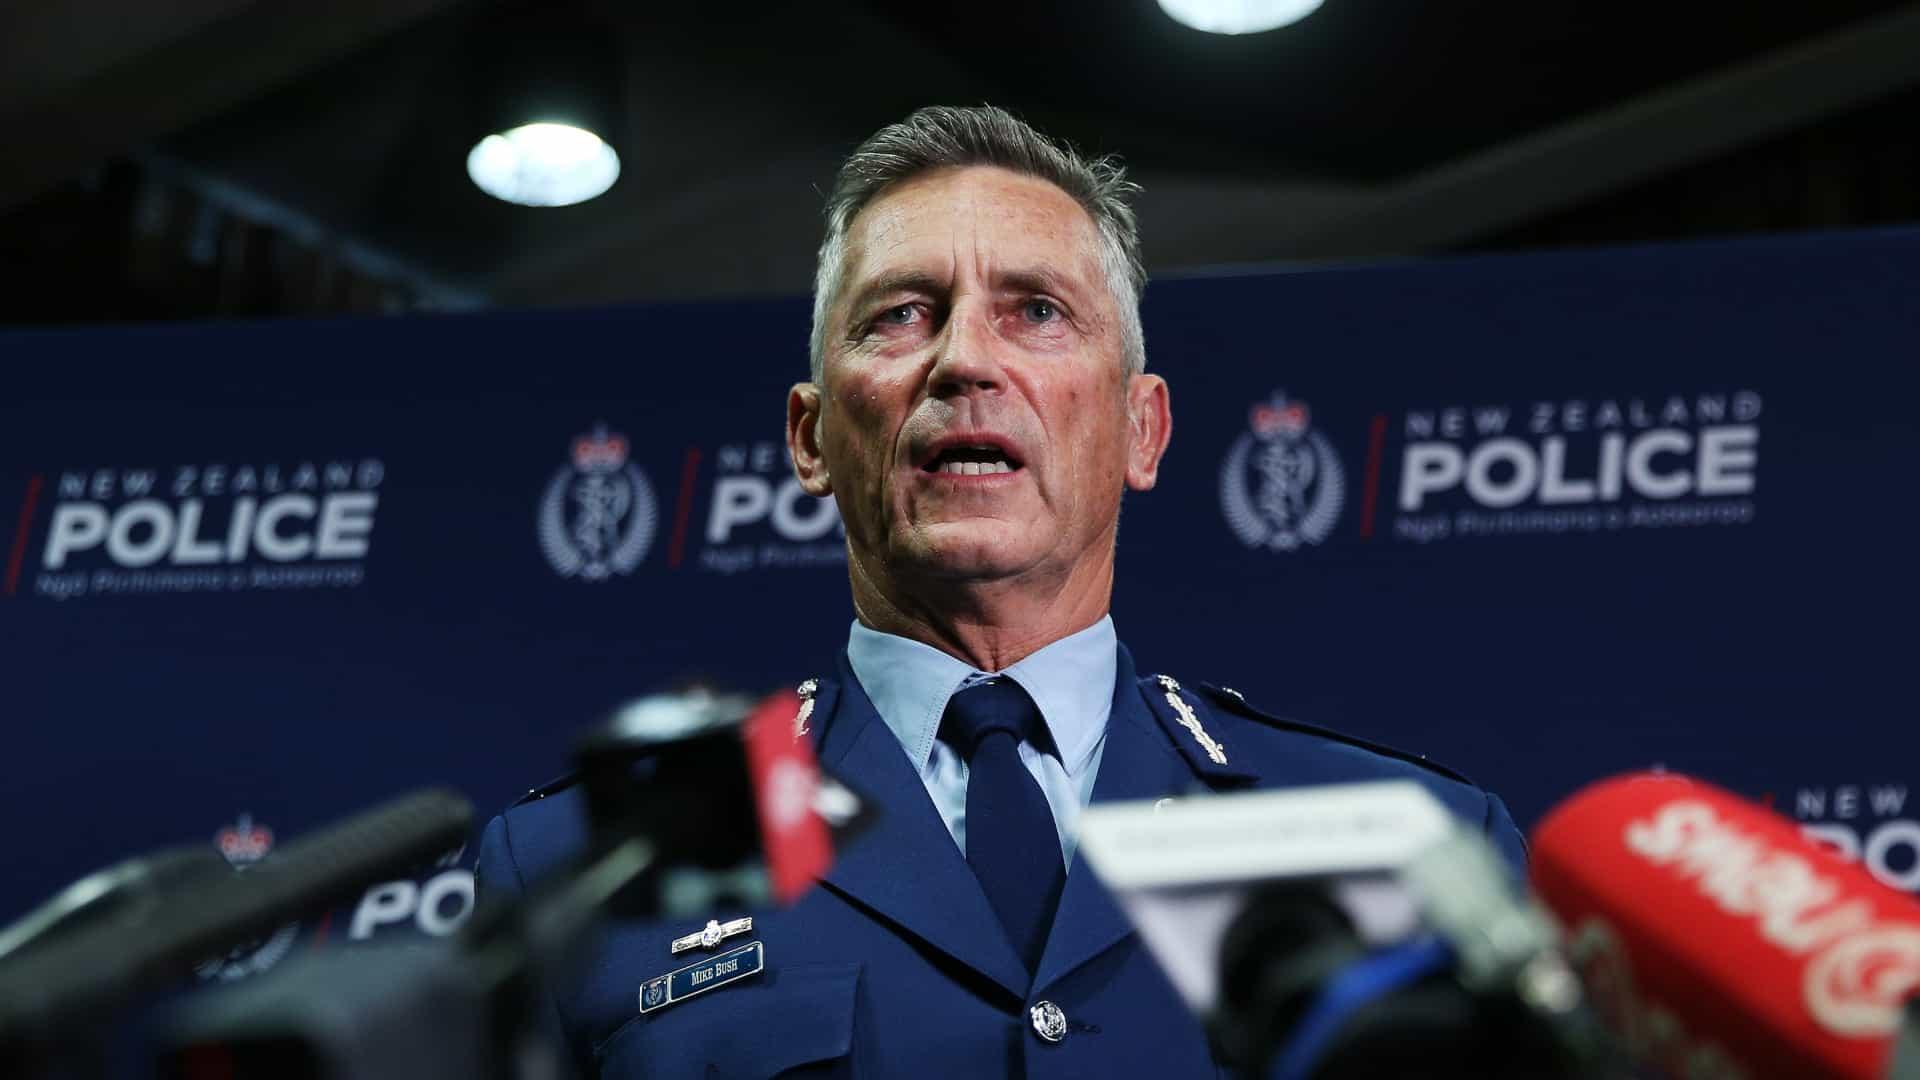 - Nova Zel  ndia policia - Ataque terrorista na Nova Zelândia: Vários mortos, explosivos desativados